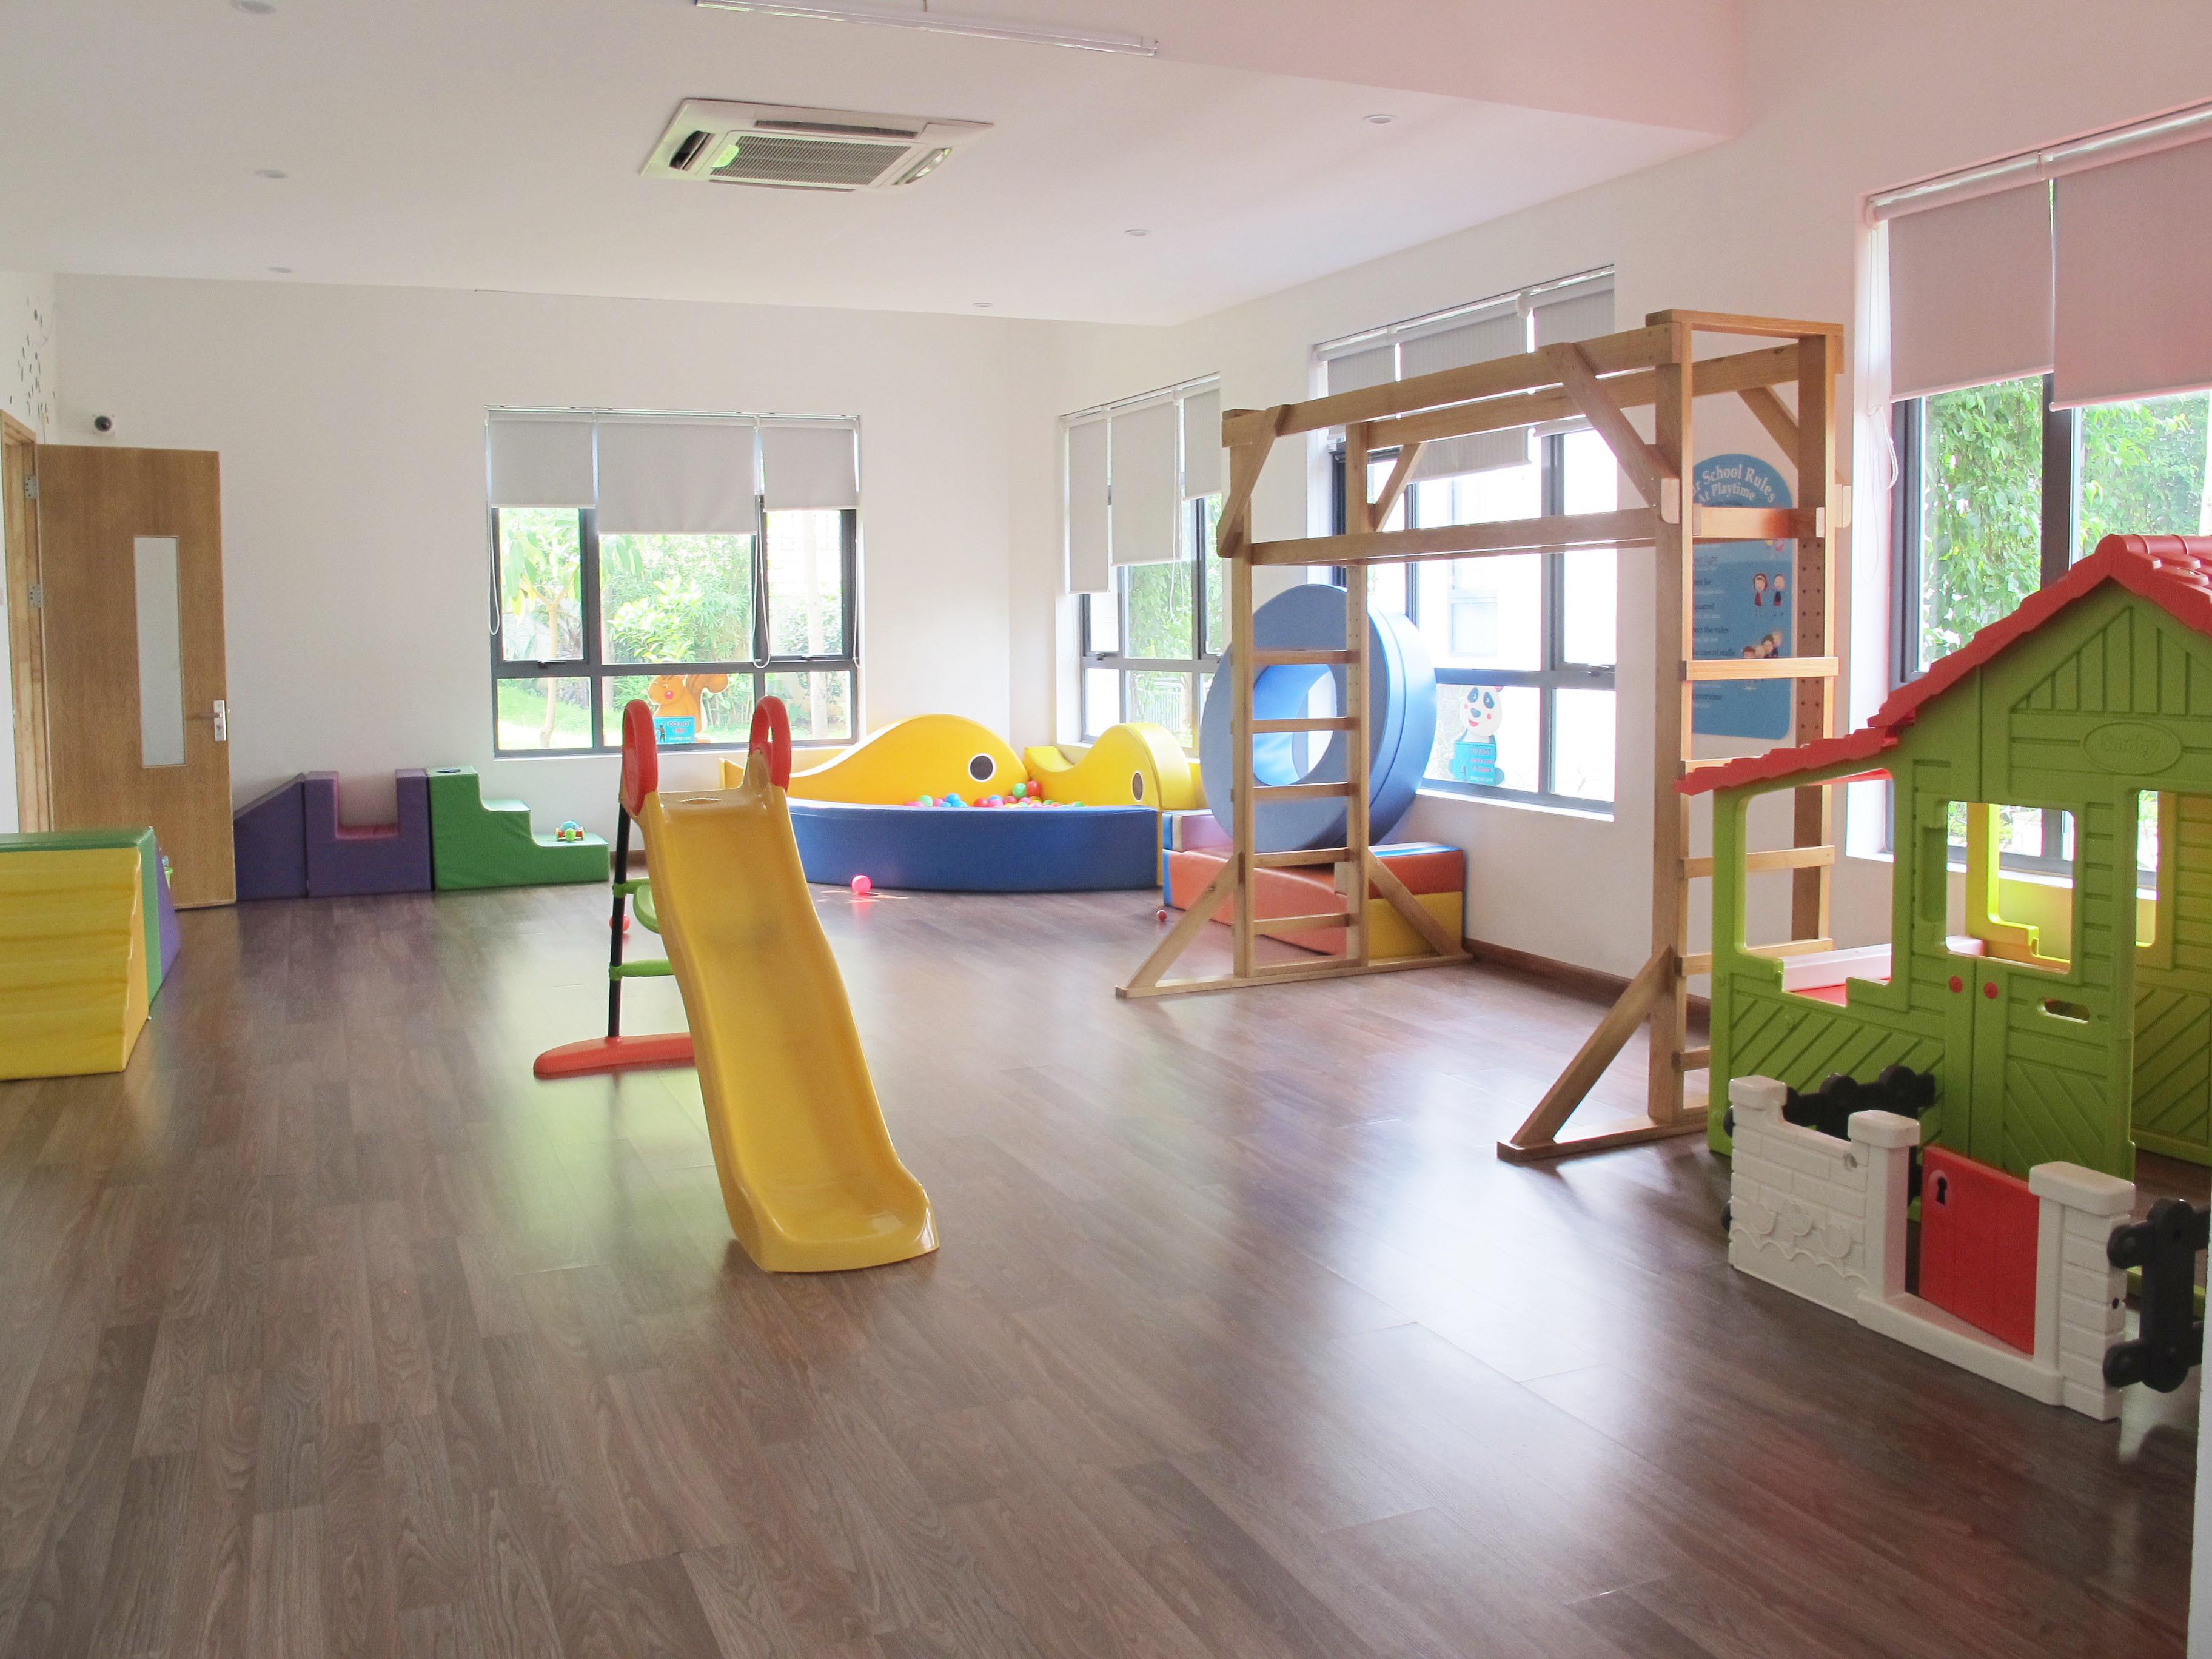 Cơ sở vật chất trường mầm non Peace School, quận Cầu Giấy, Hà Nội (Ảnh: website trường)